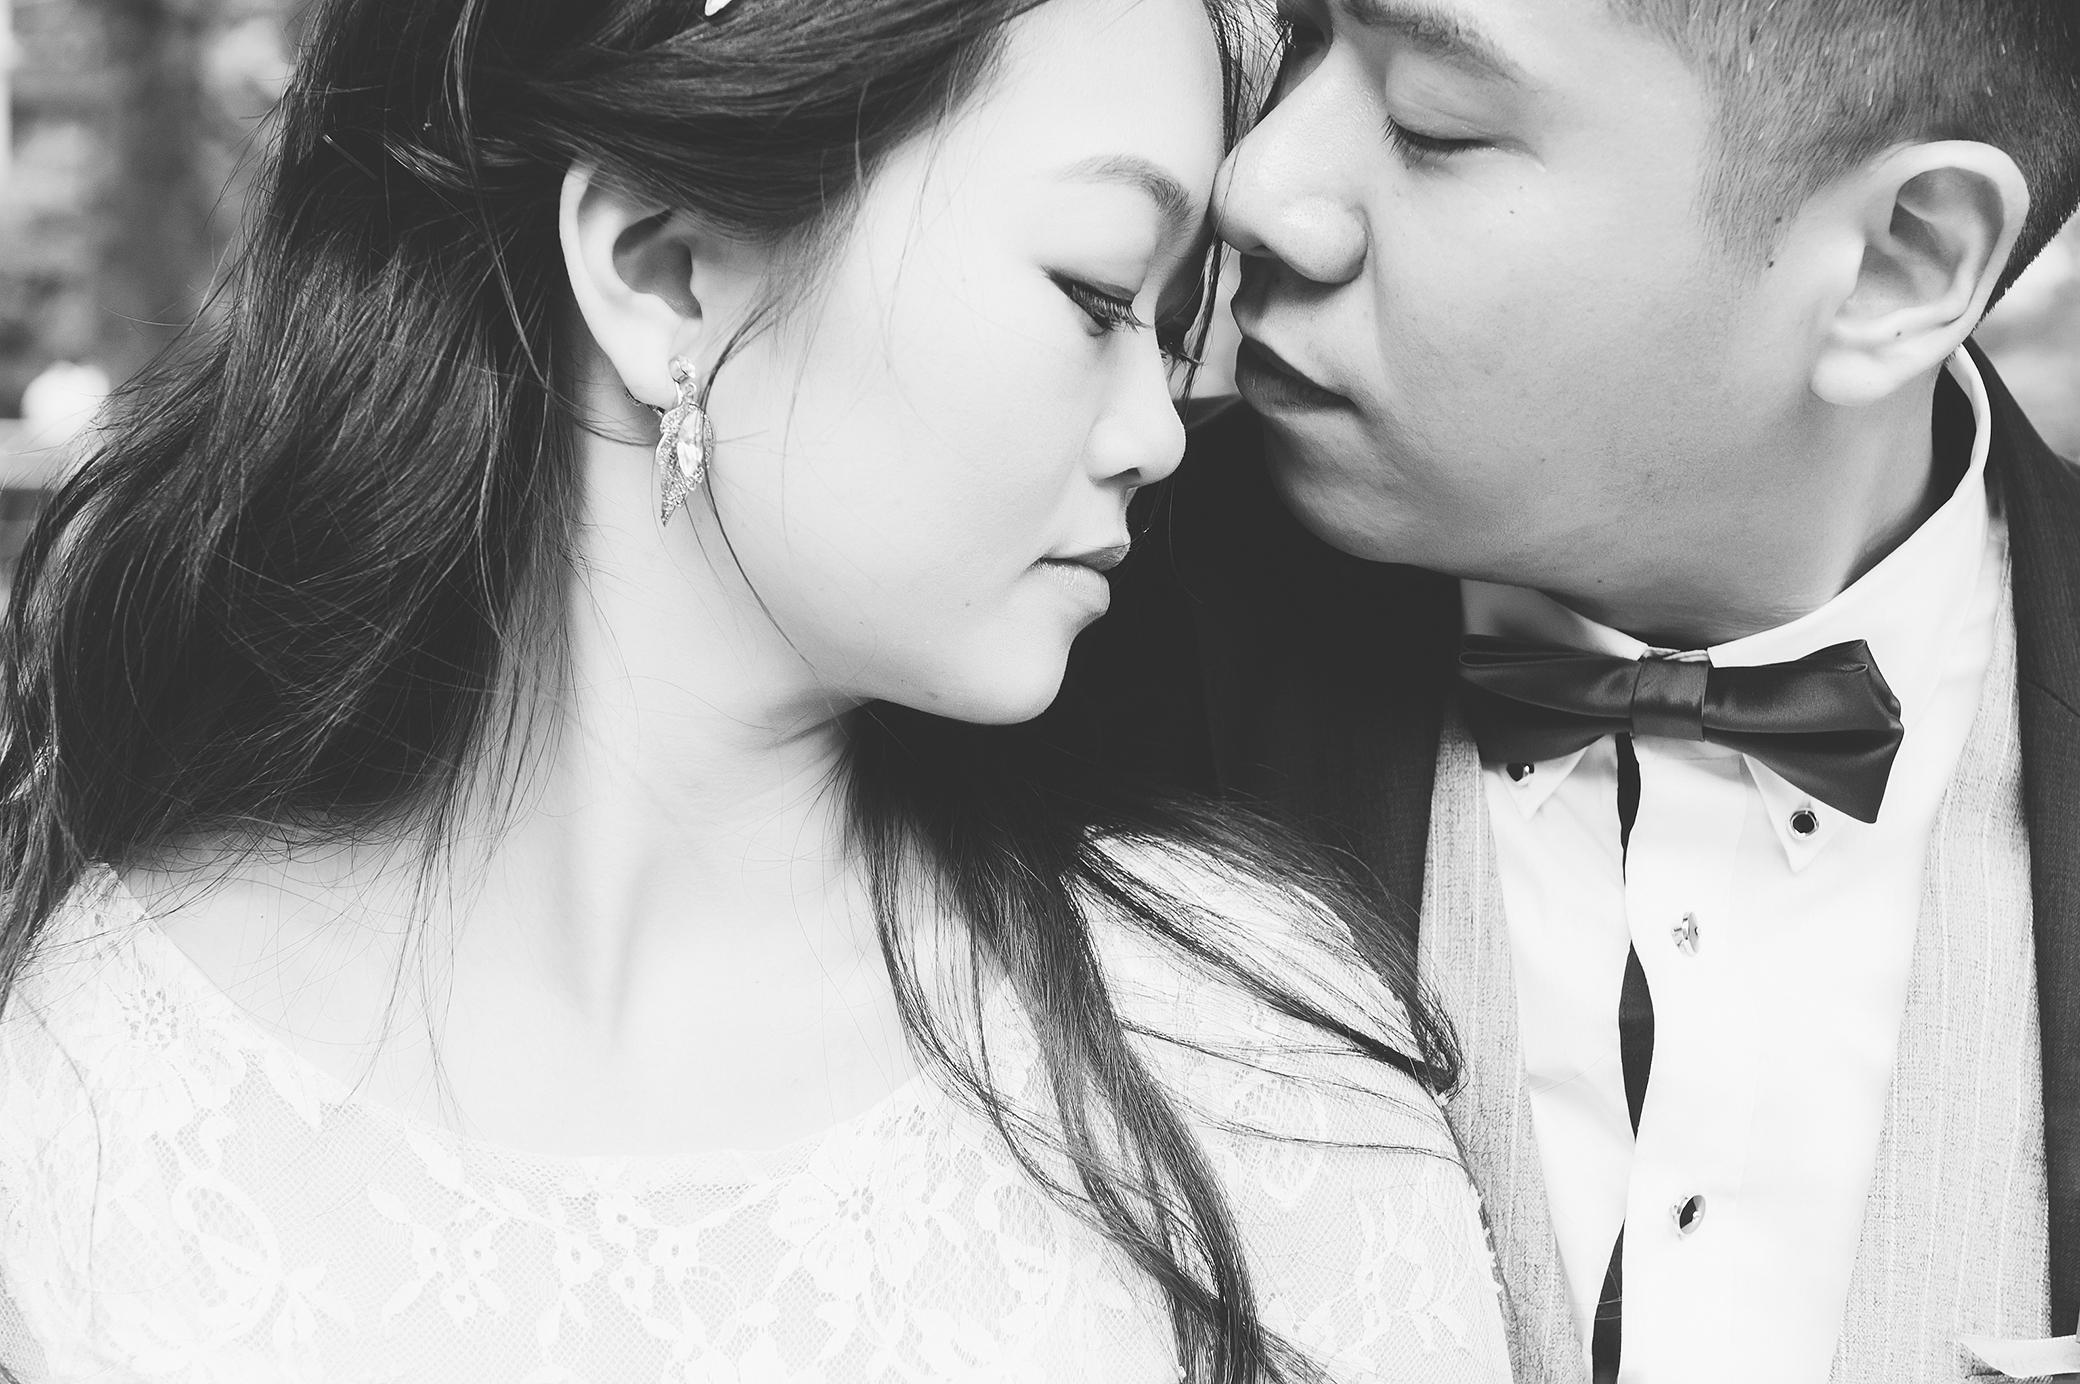 nickchang-wedding-%e5%af%92%e8%88%8d%e8%89%be%e9%ba%97-fineart-37